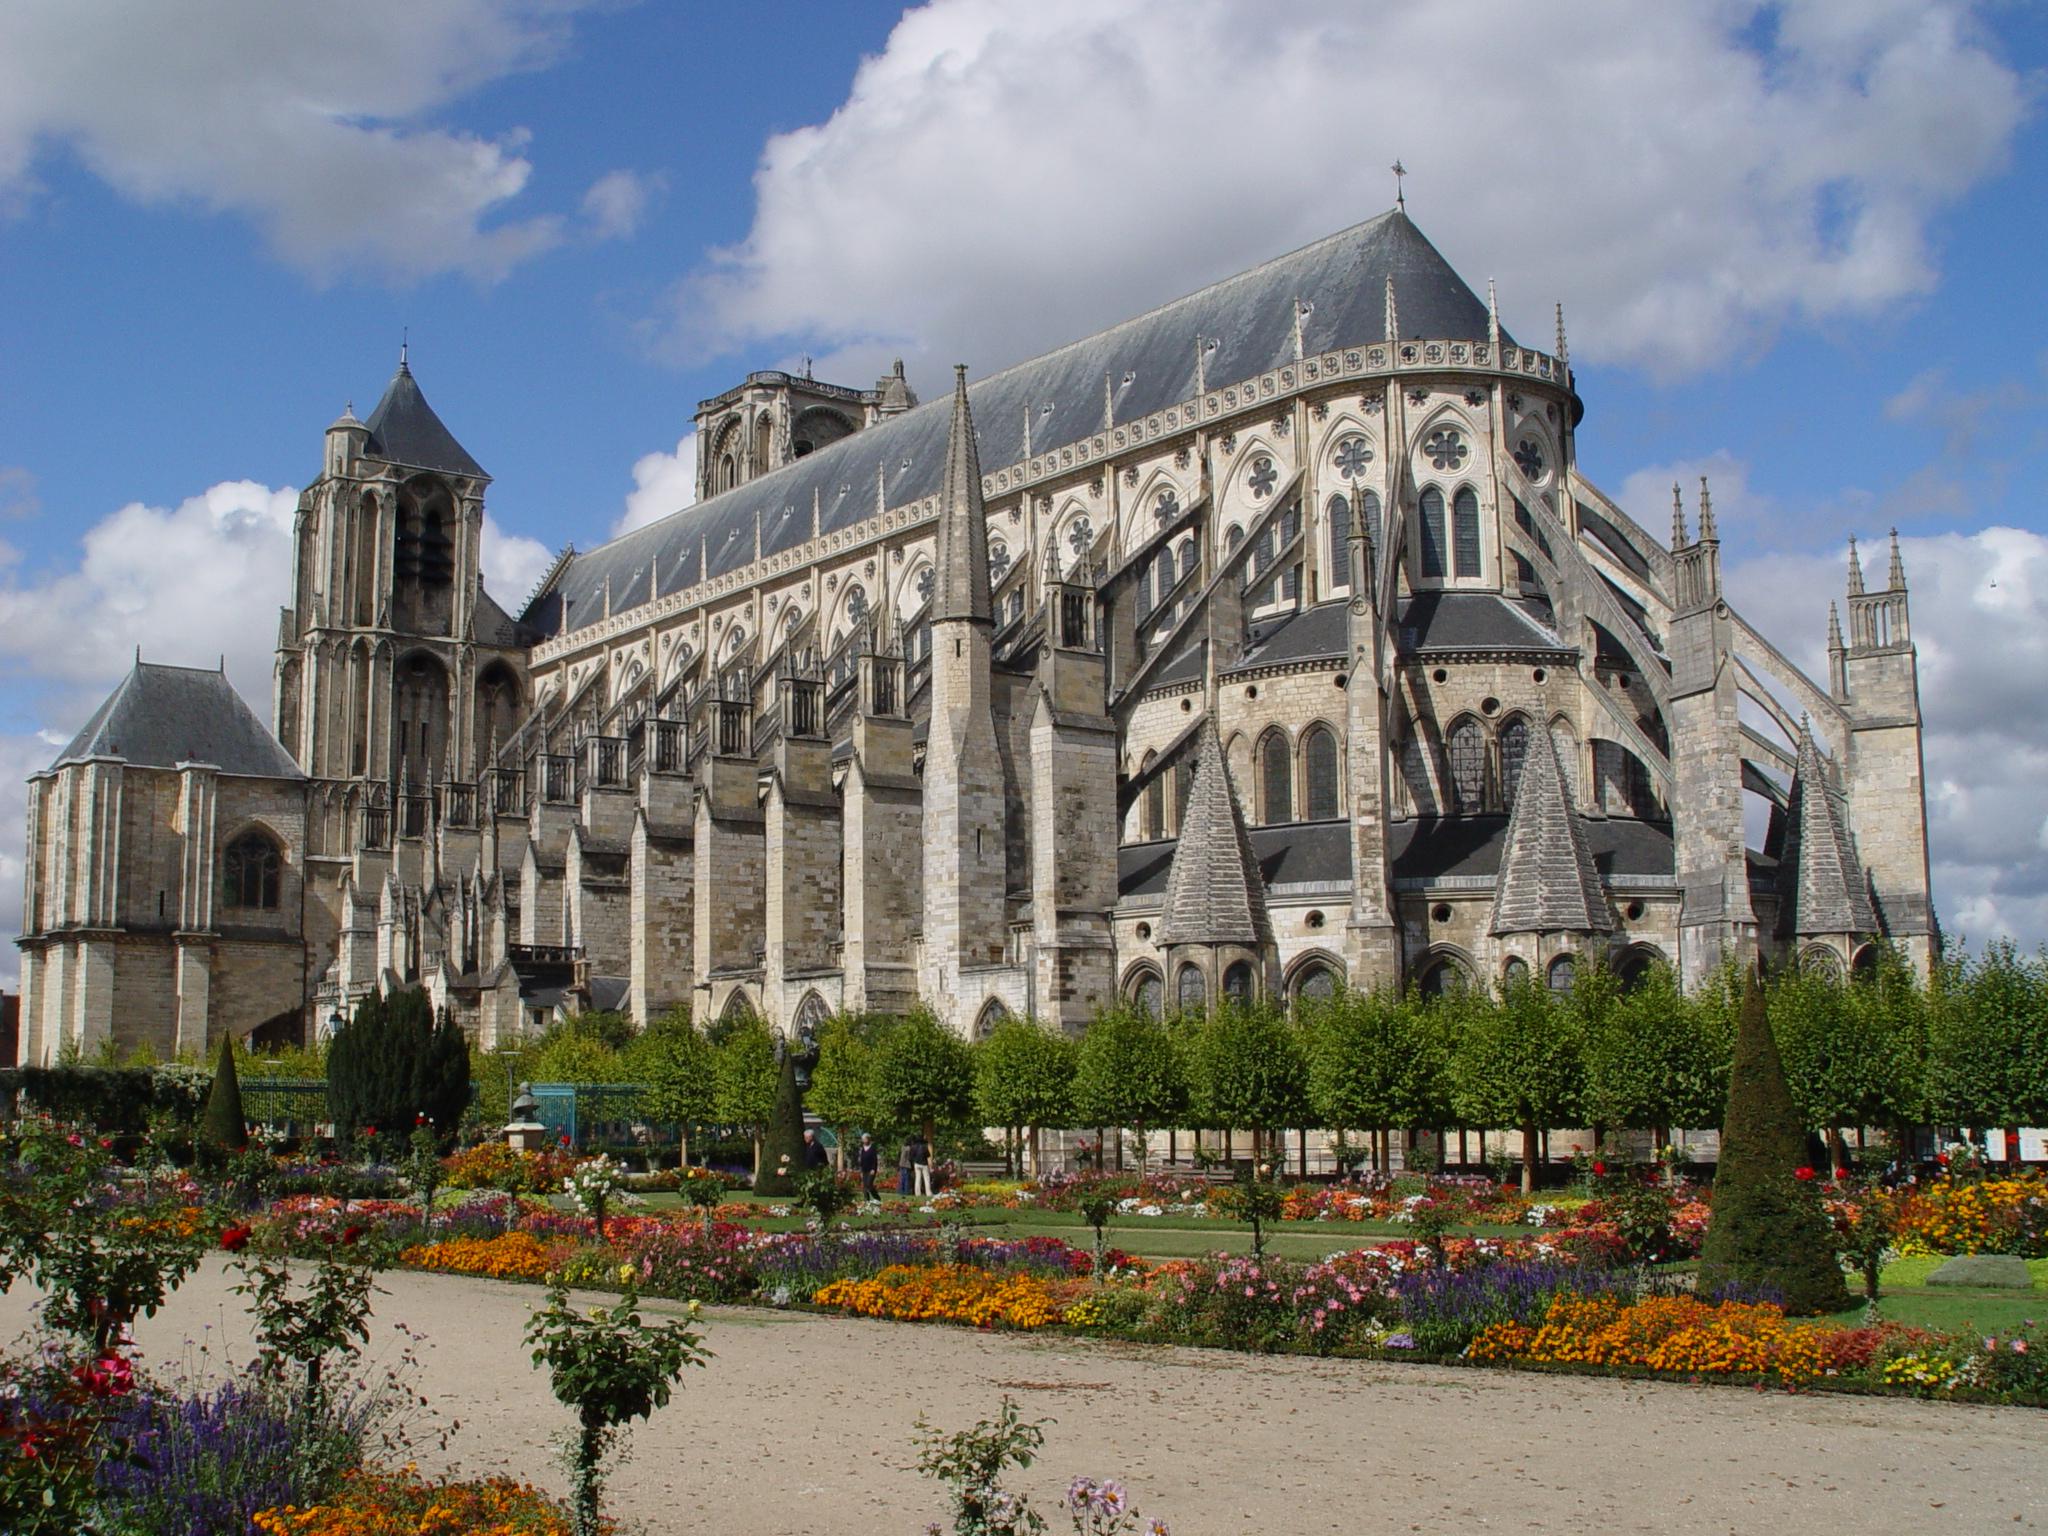 Sathe%CC%81drale_de_Bourges.jpg?1567762925